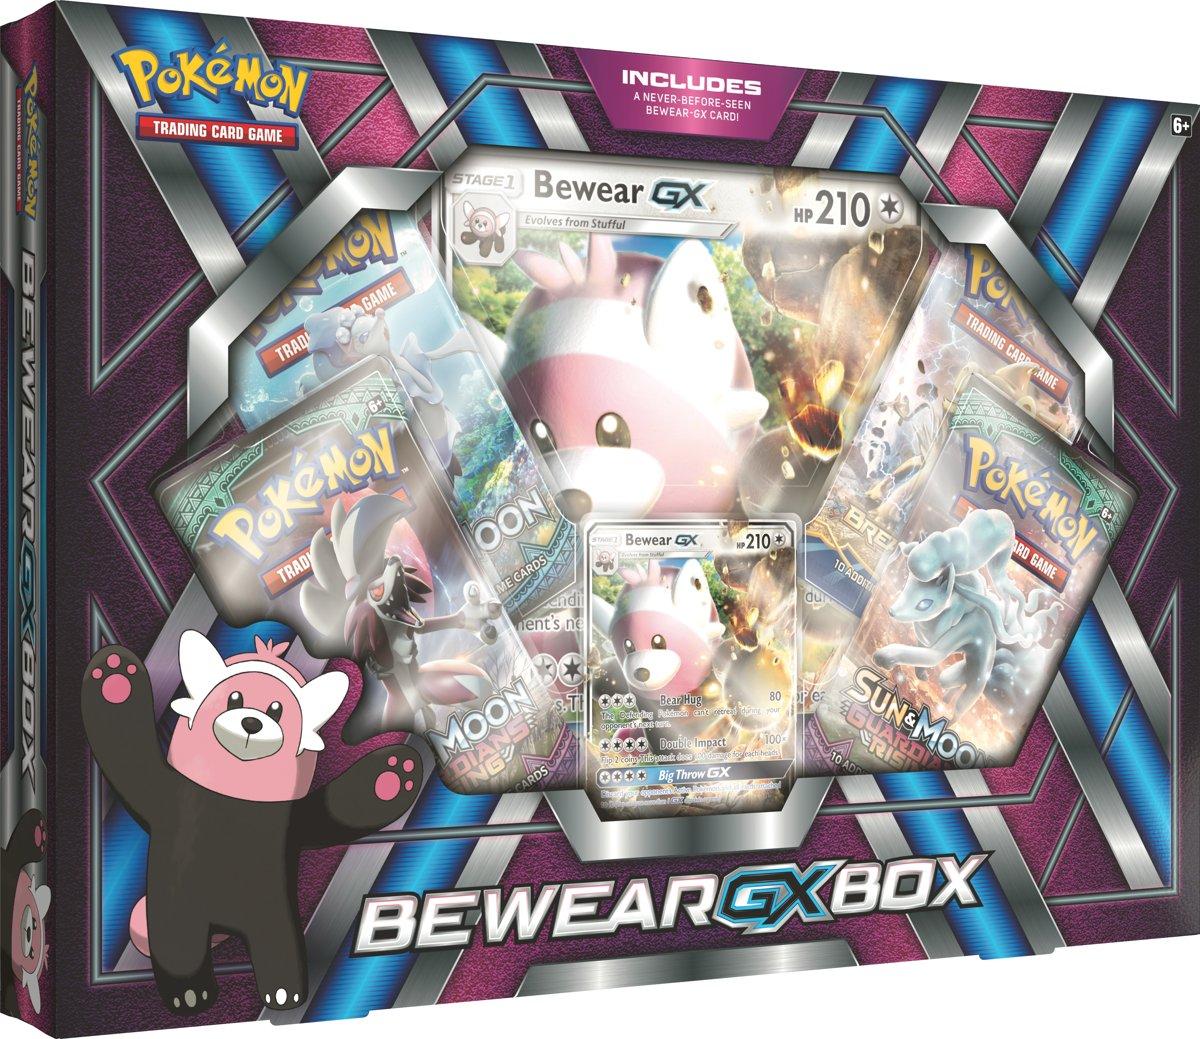 Pokémon Bewear GX Box - Pokémon Kaarten kopen